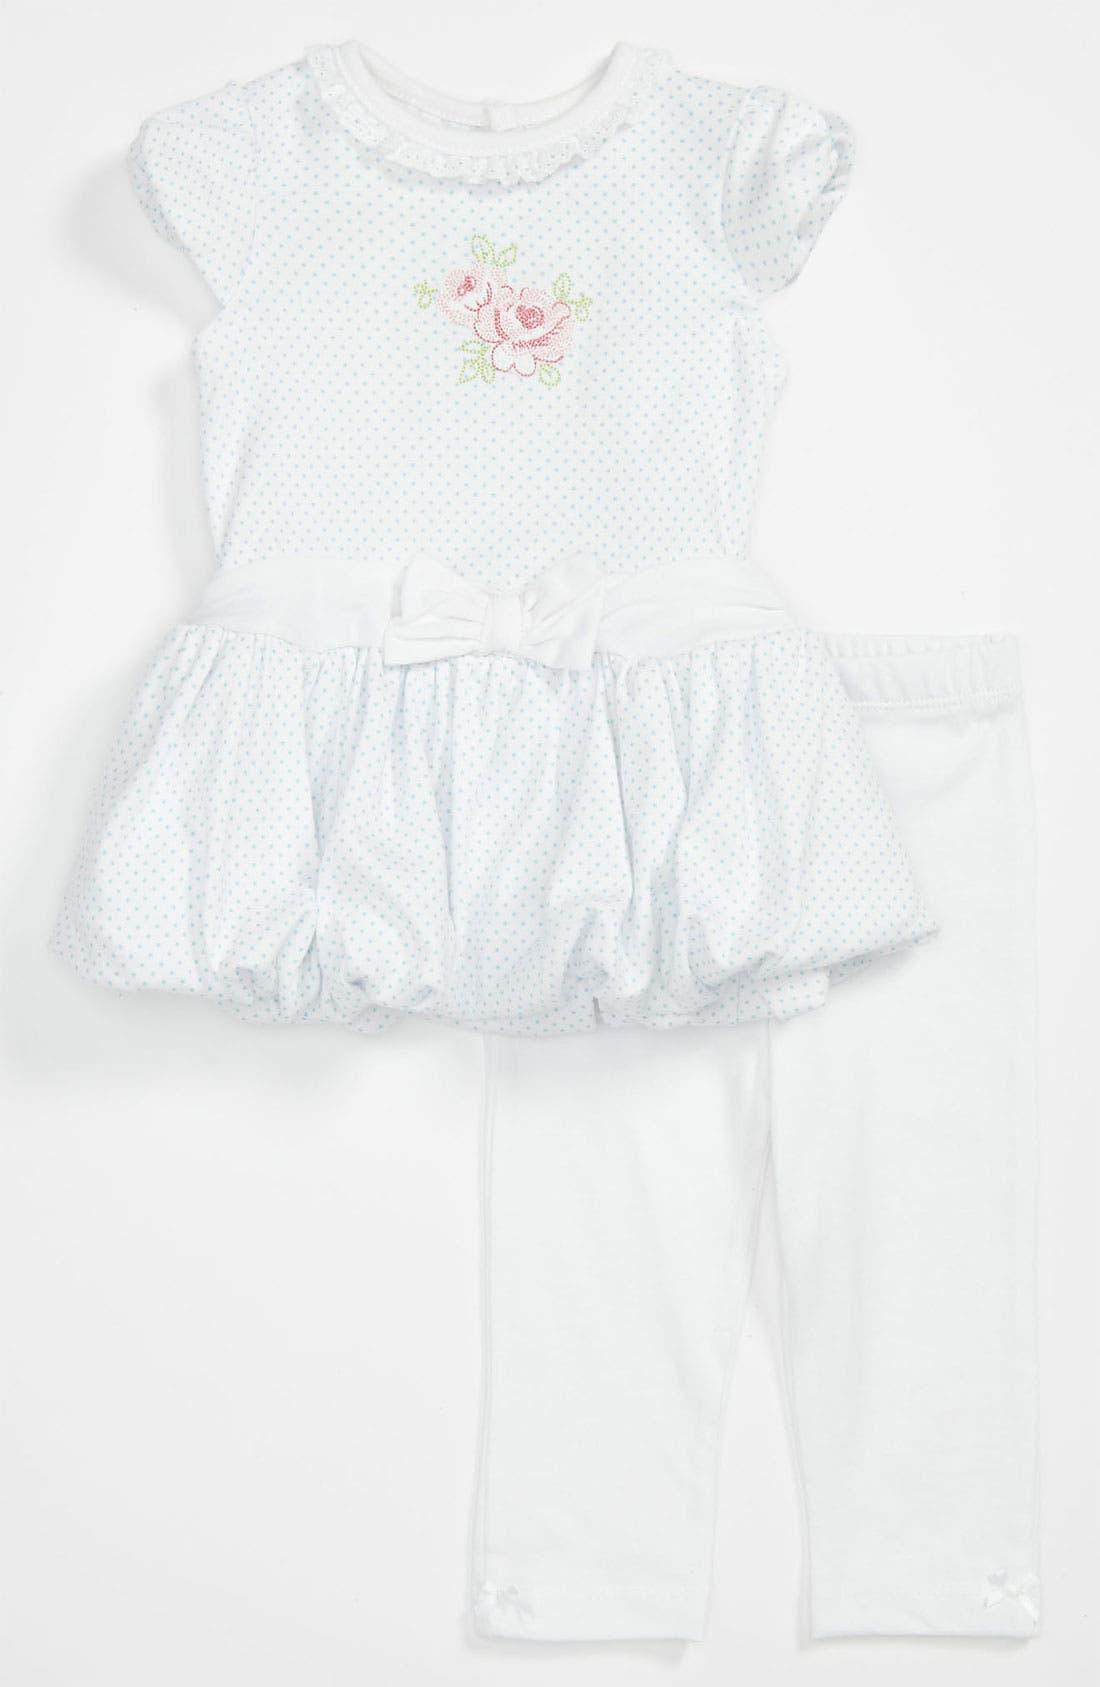 Main Image - Little Me 'Rose Bloom' Dress & Leggings (Infant)